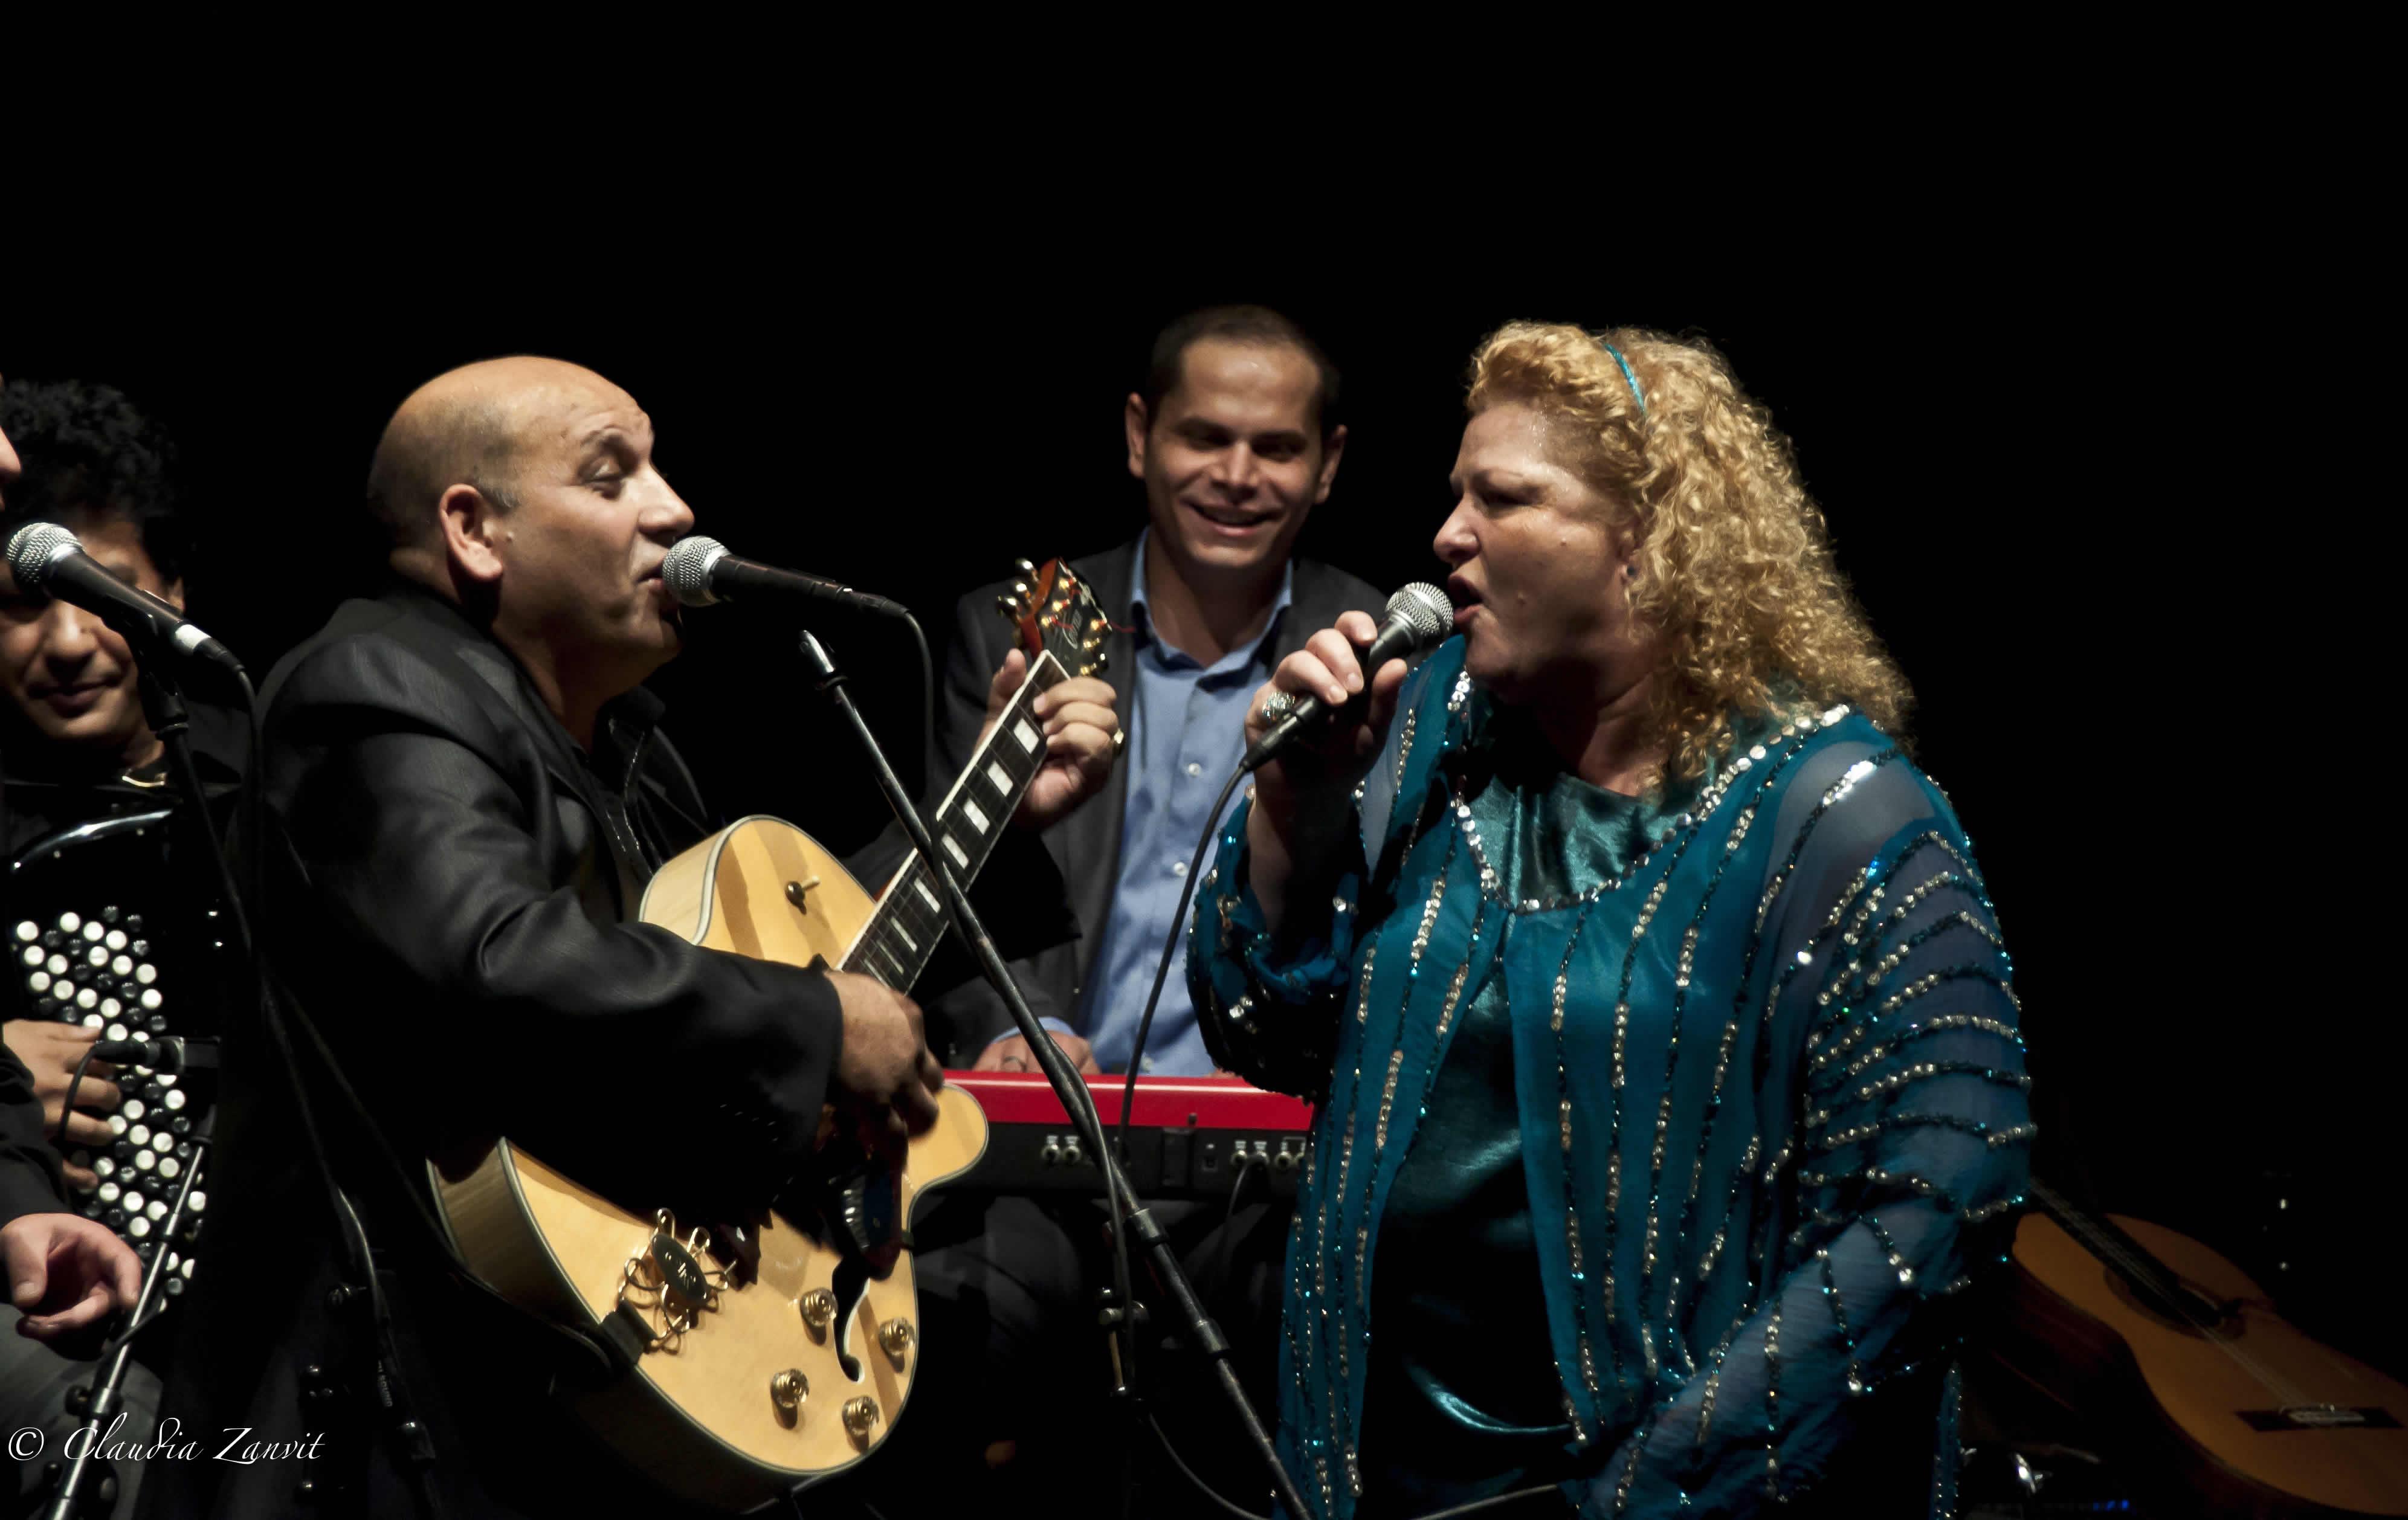 Gypsyfestival 2011 Ida Kelarova Oktett 062